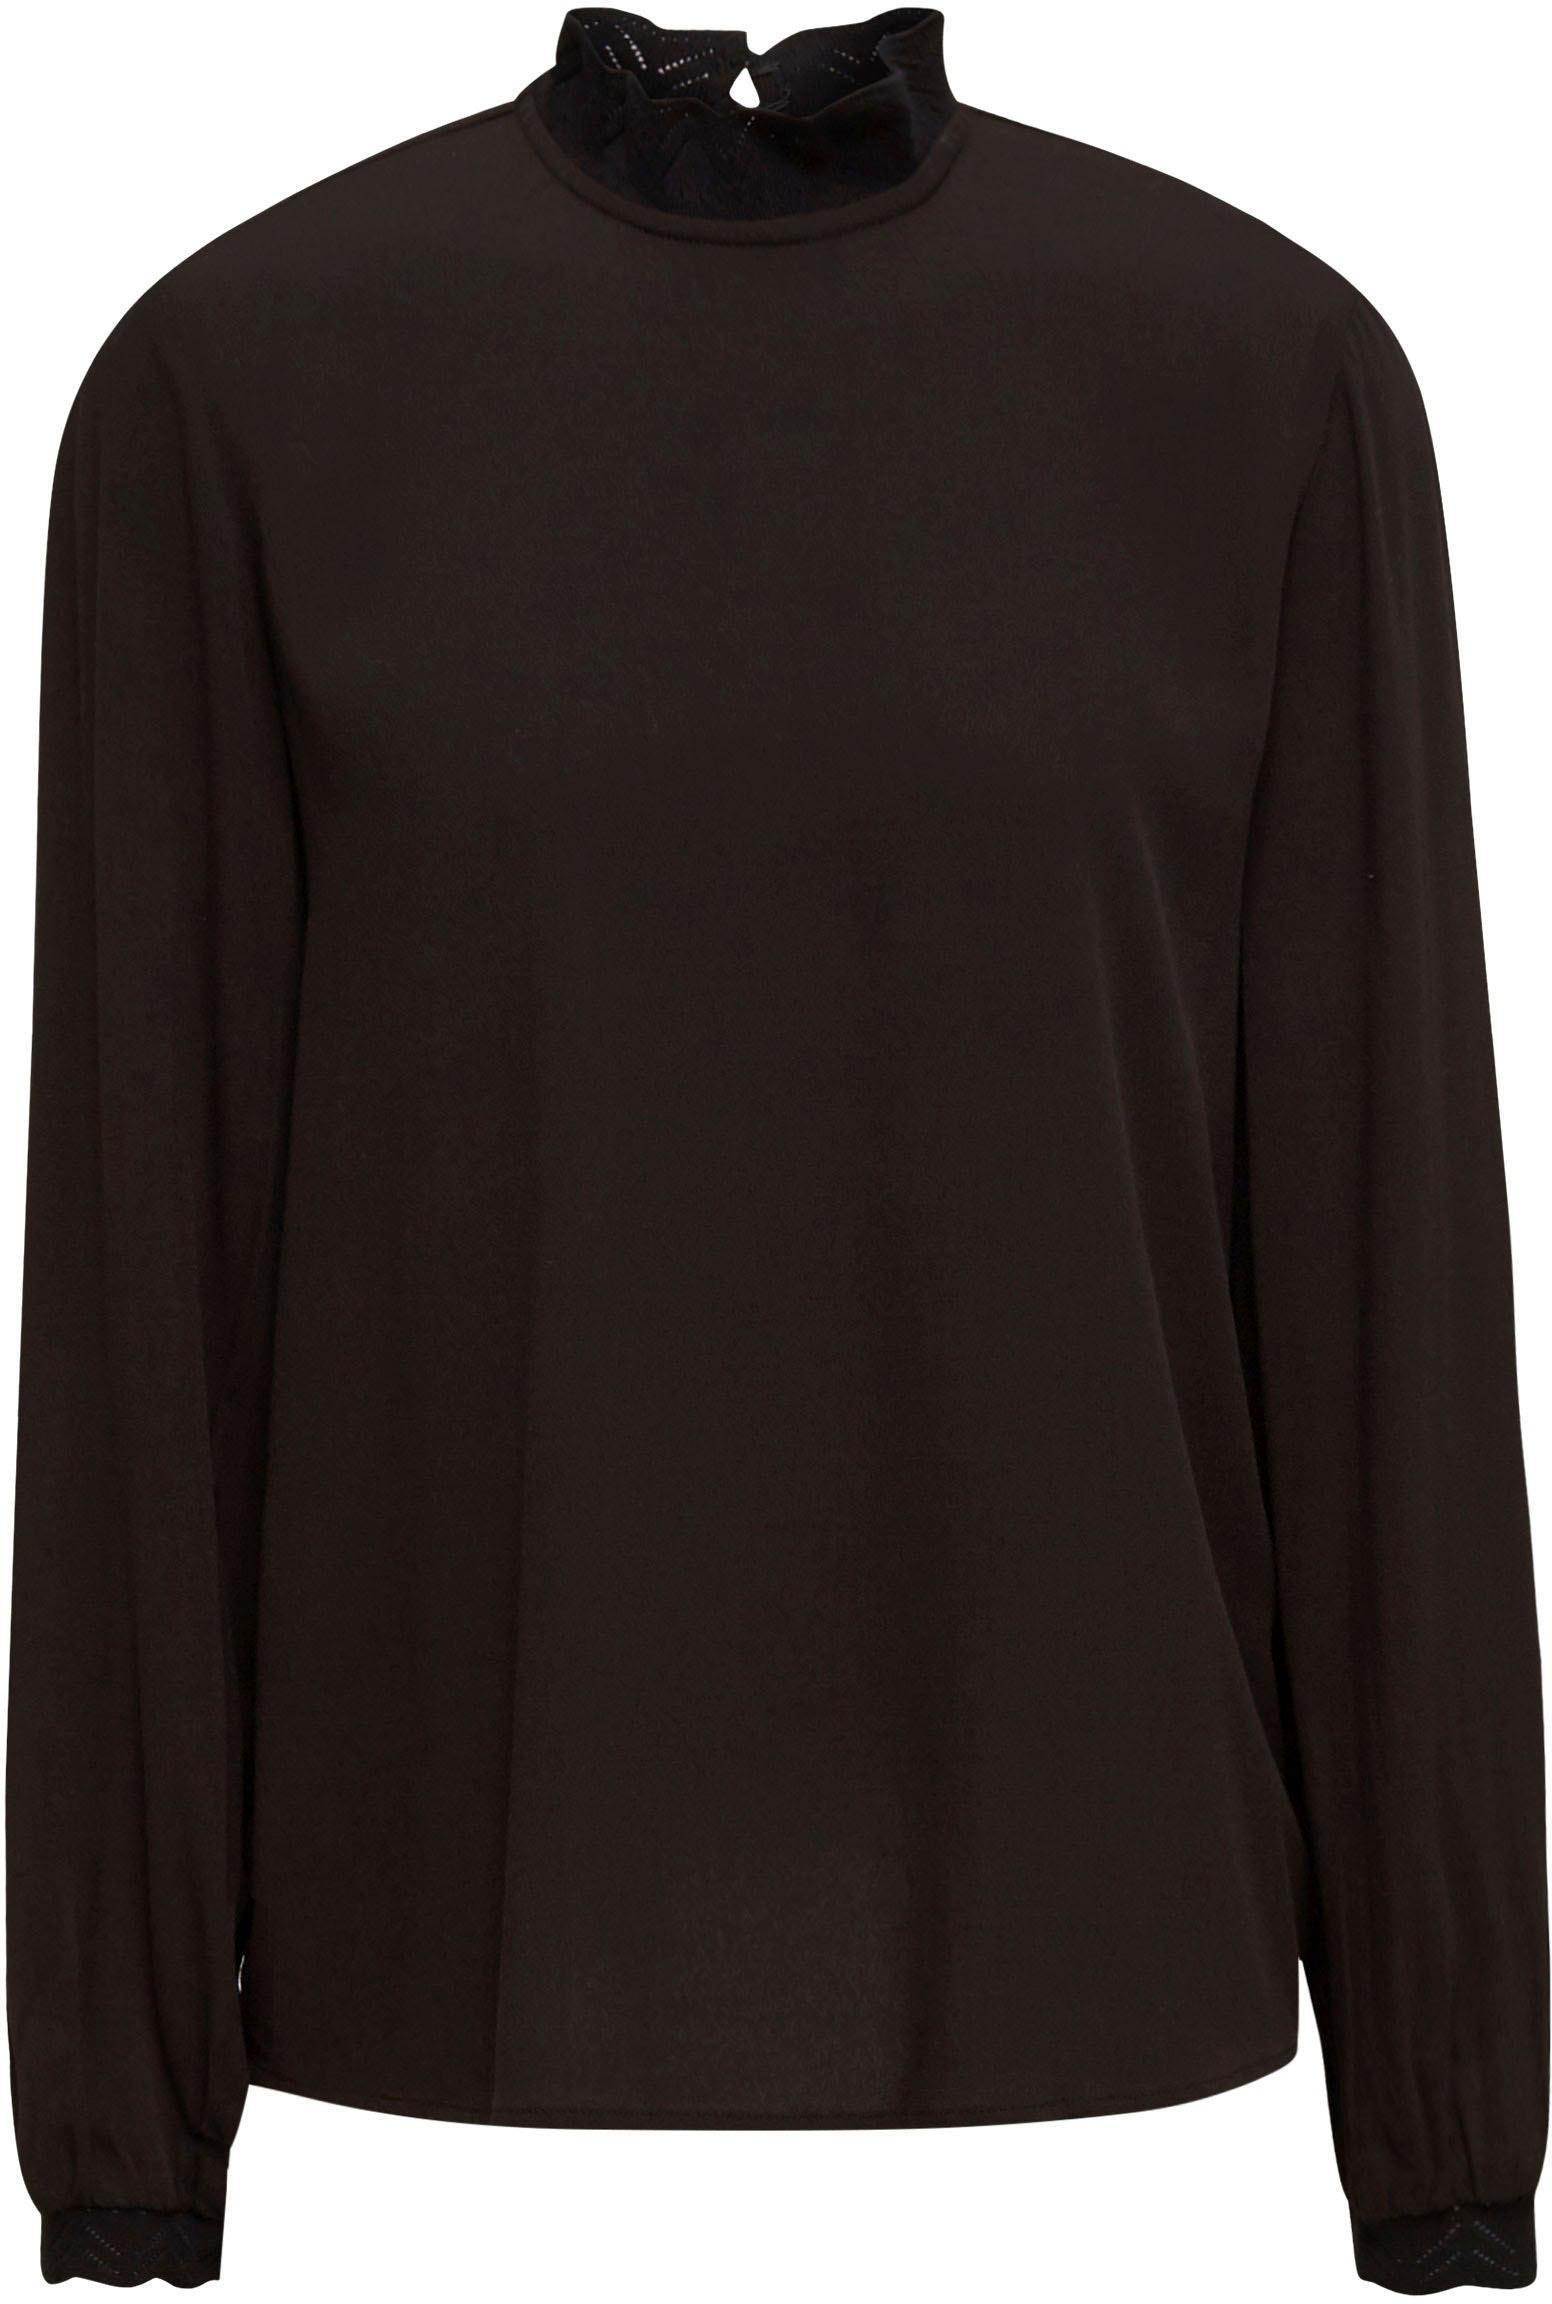 ESPRIT blouse zonder sluiting online kopen op otto.nl